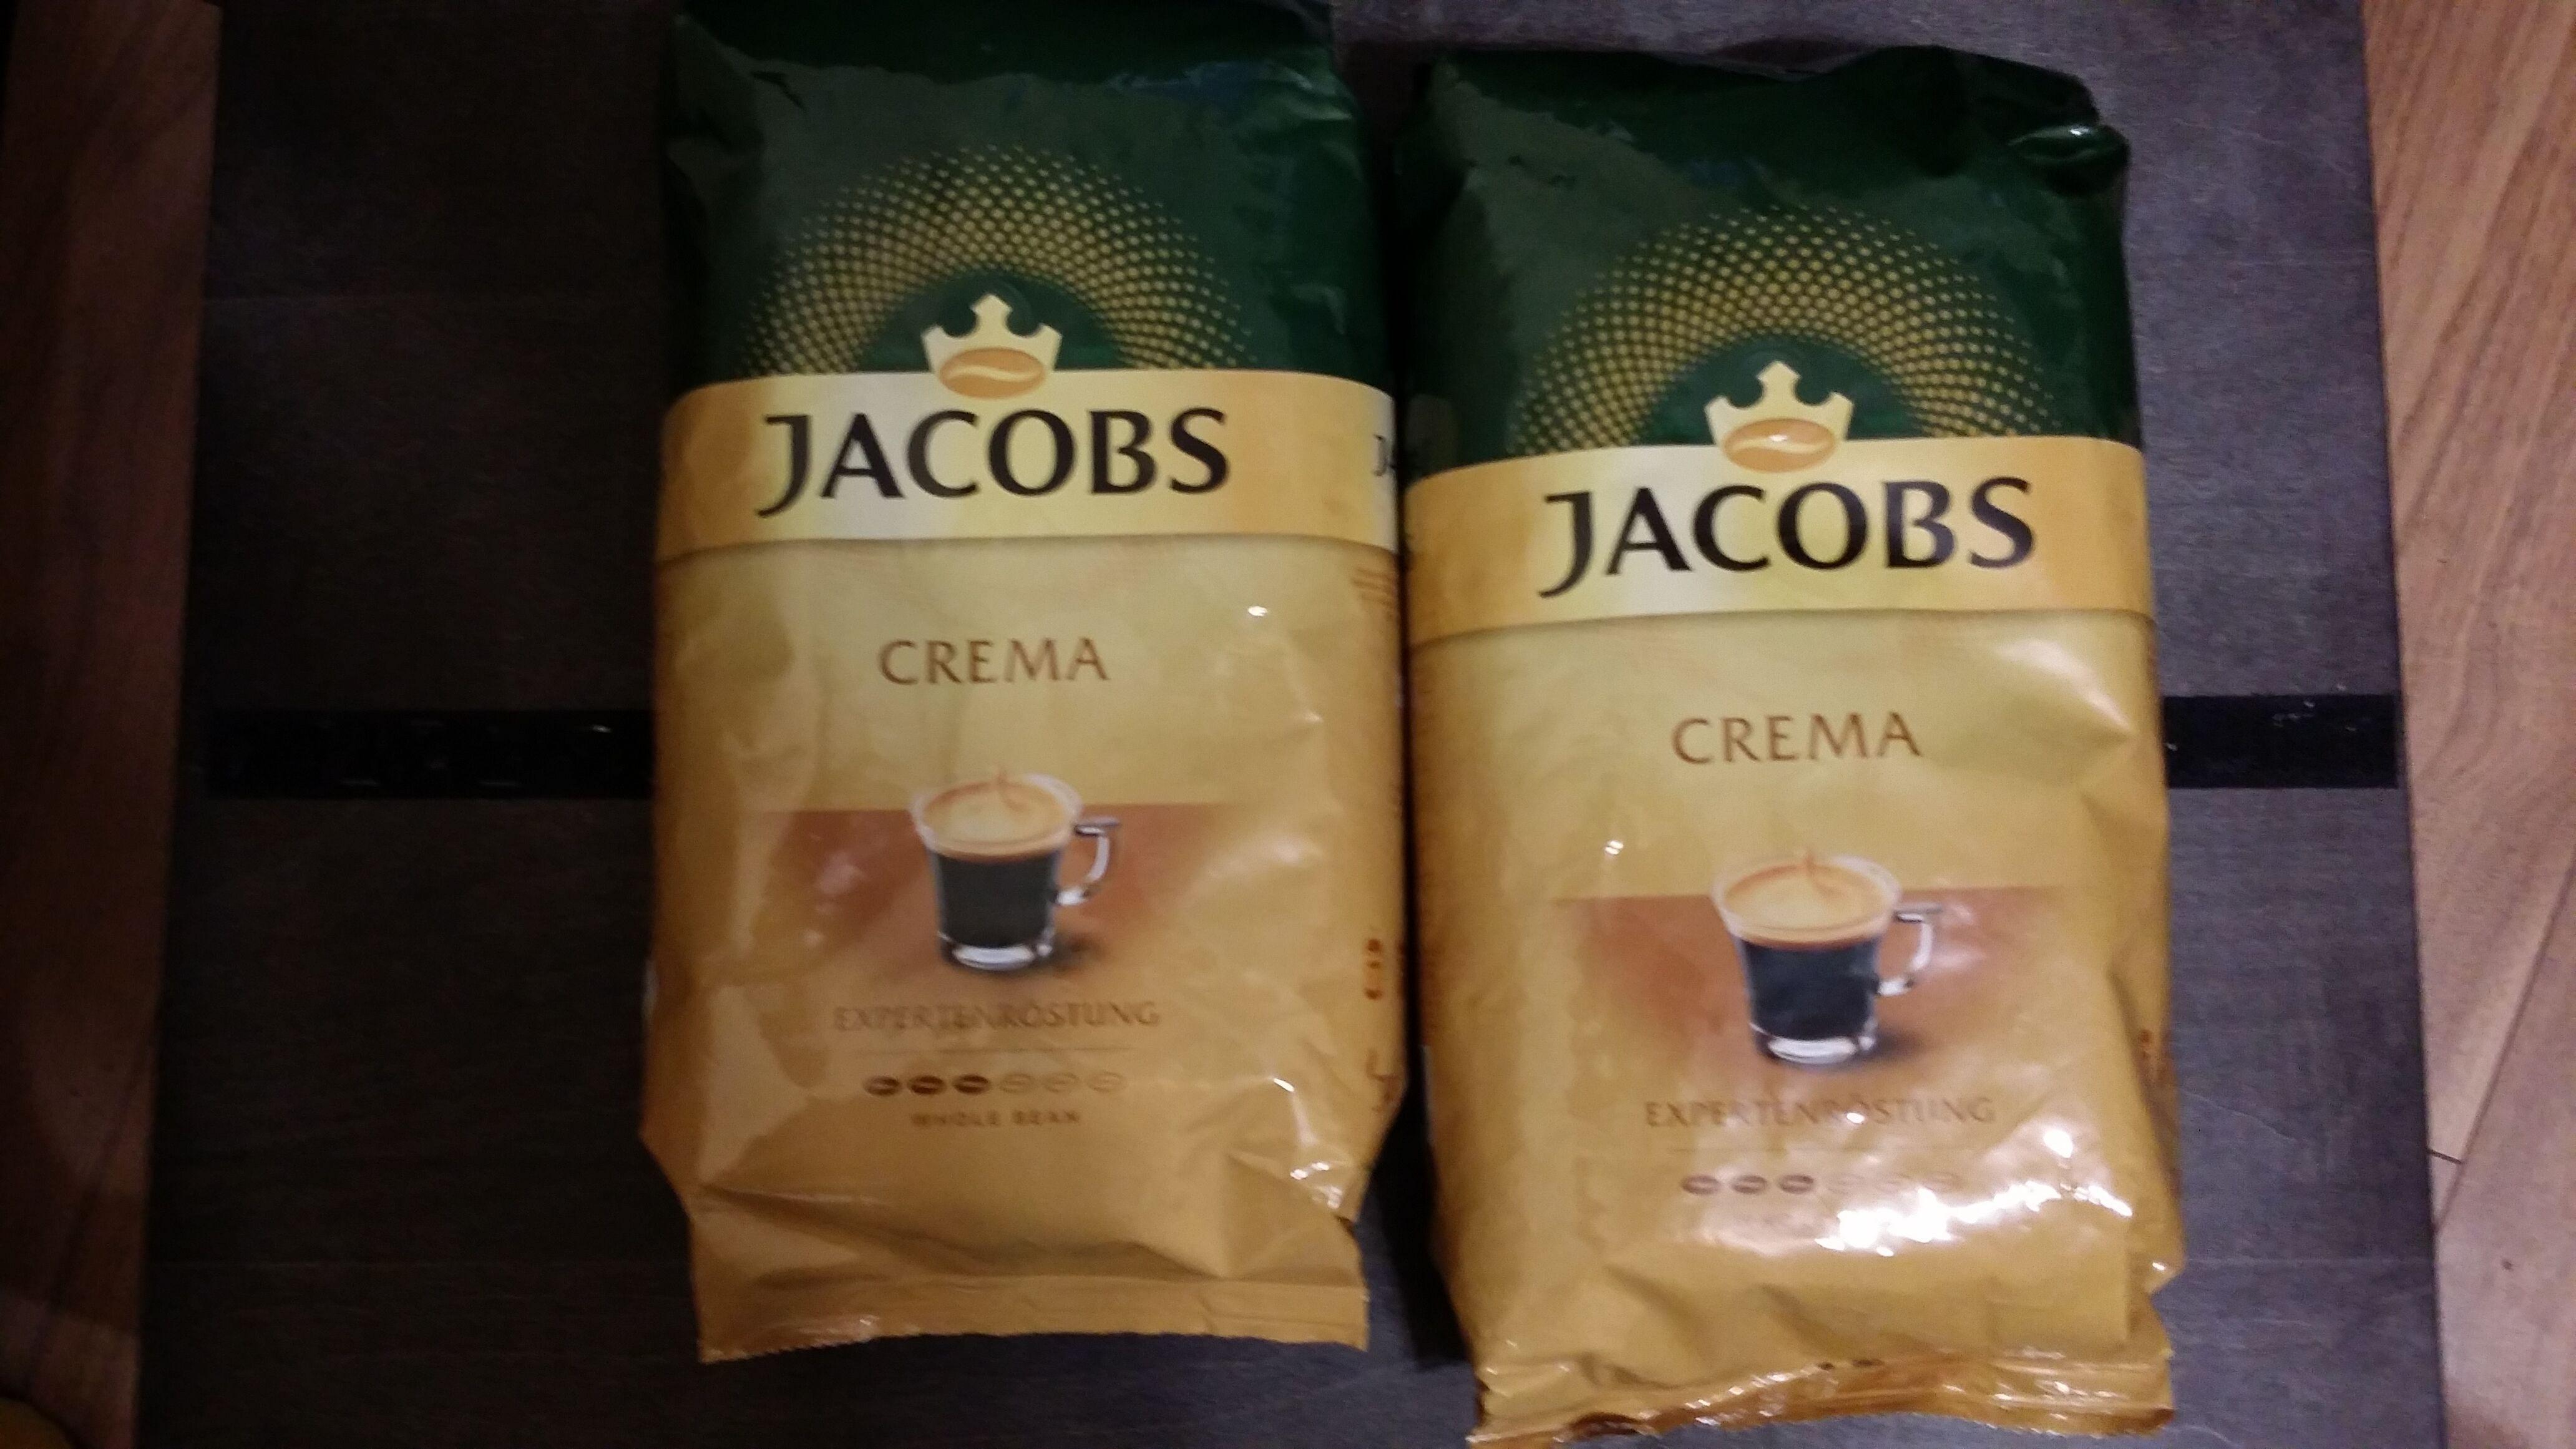 Jacobs Crema, Kronung lub Espresso, kawa ziarnista 1 kg przy zakupie dwóch sztuk za 29,99 zł w Biedronce.